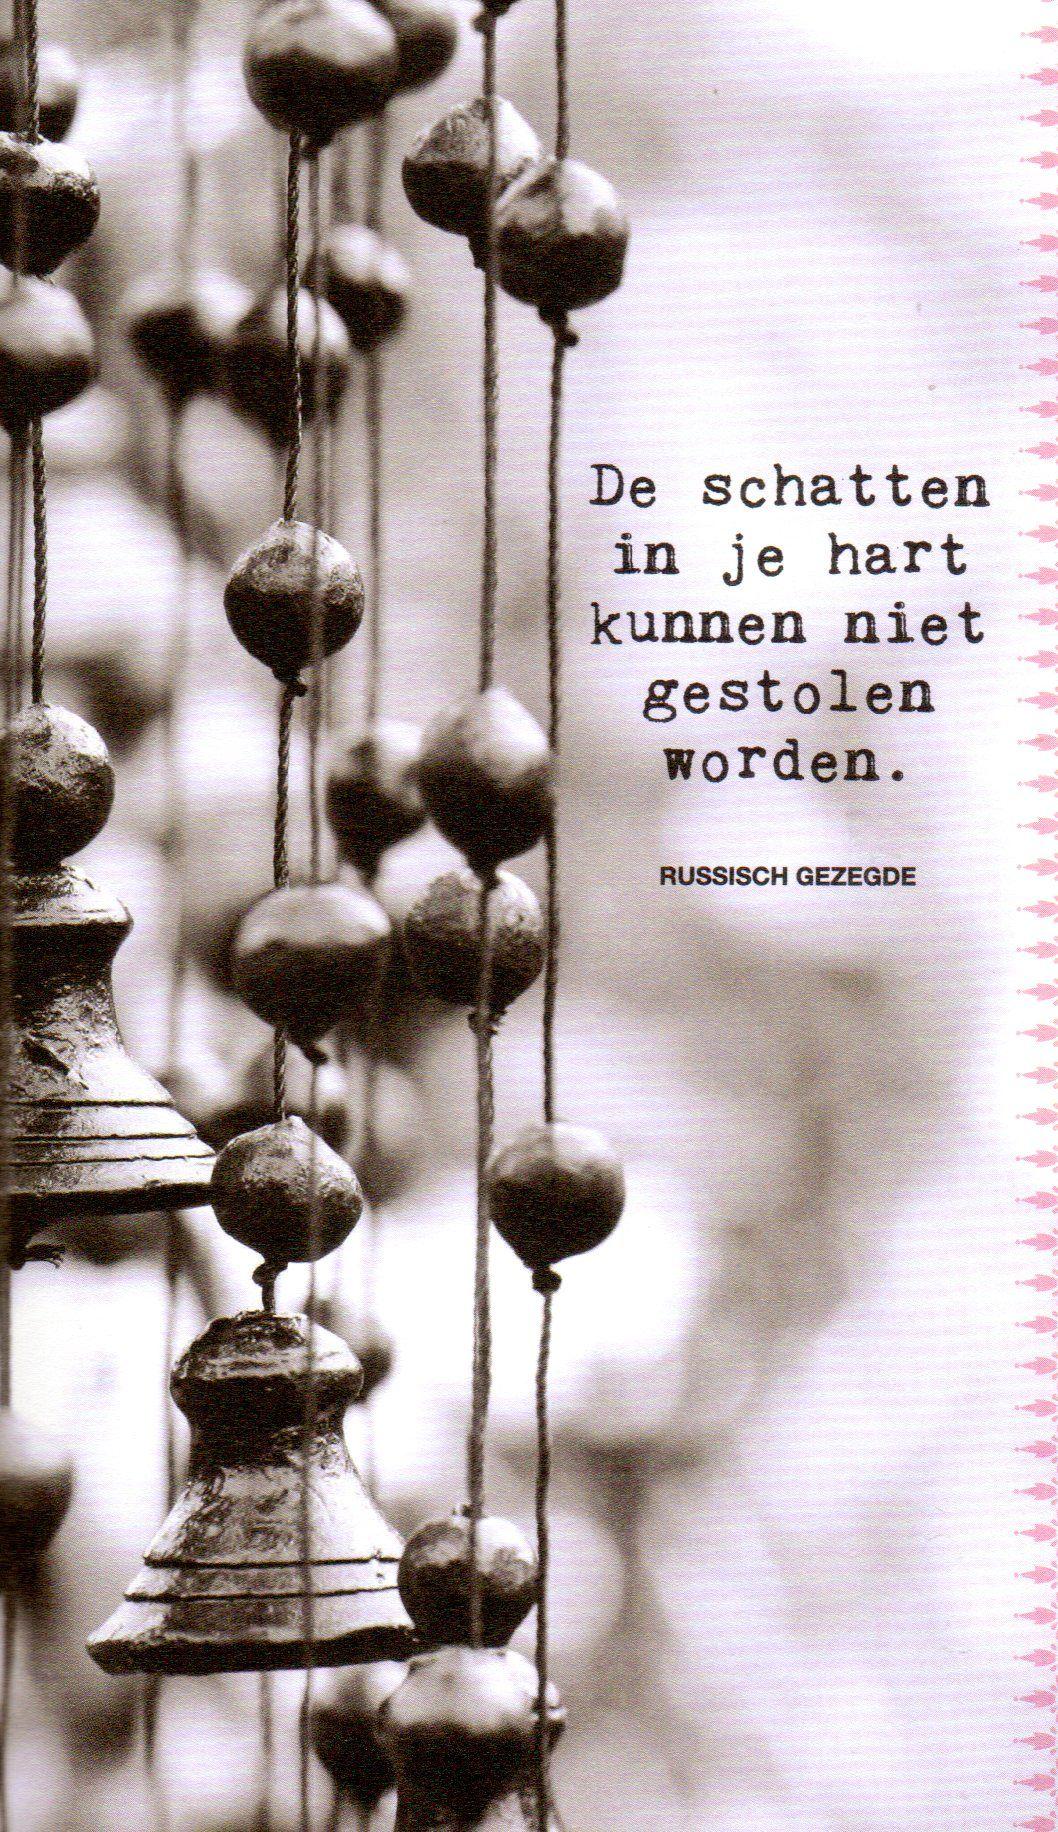 Citaten Uit Nederlandse Literatuur : Die zijn goed beveiligd nederlandse quotes citaten